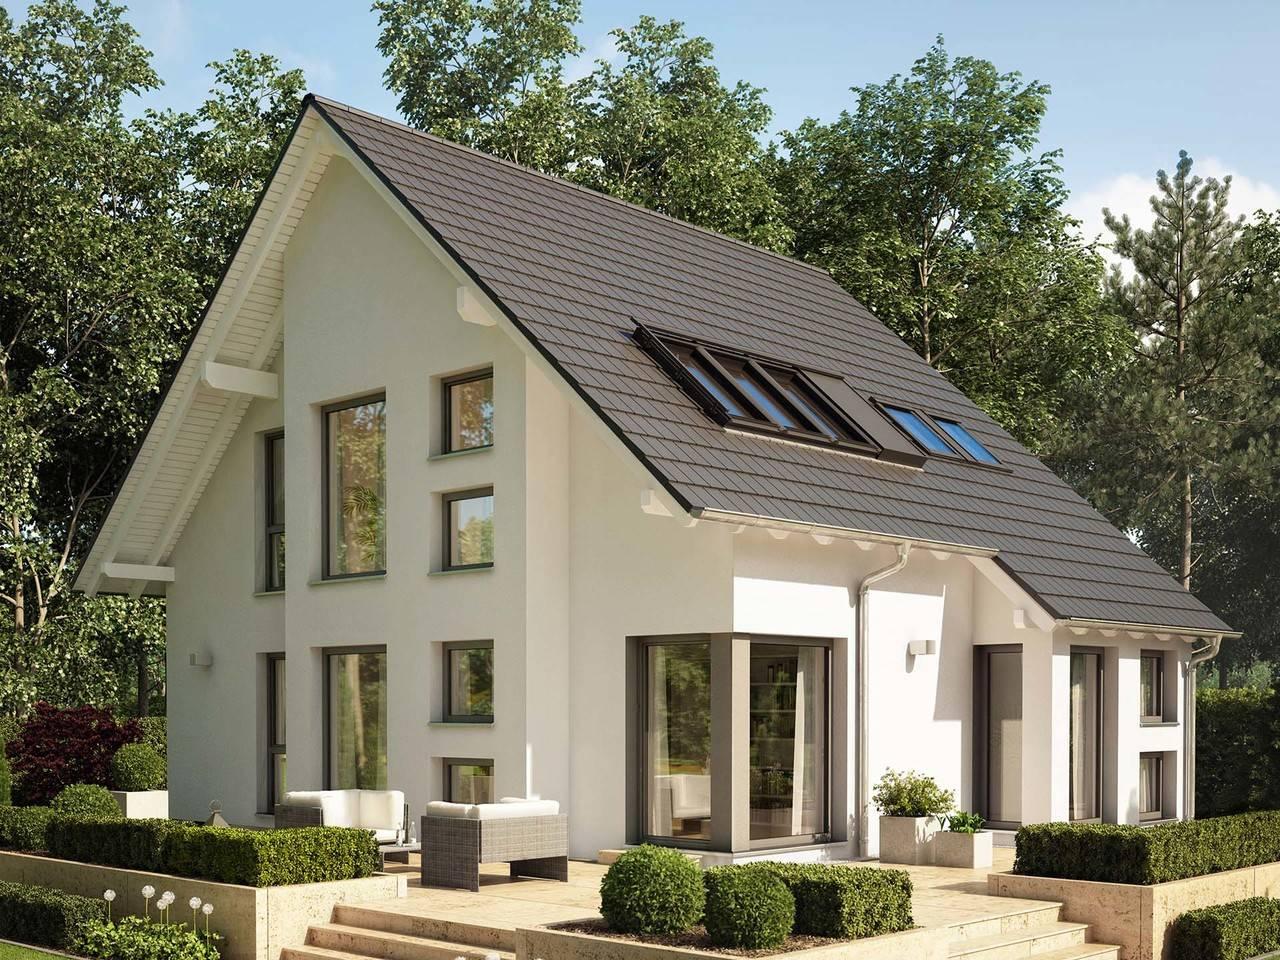 einfamilienhaus celebration 137 v2 bien zenker. Black Bedroom Furniture Sets. Home Design Ideas